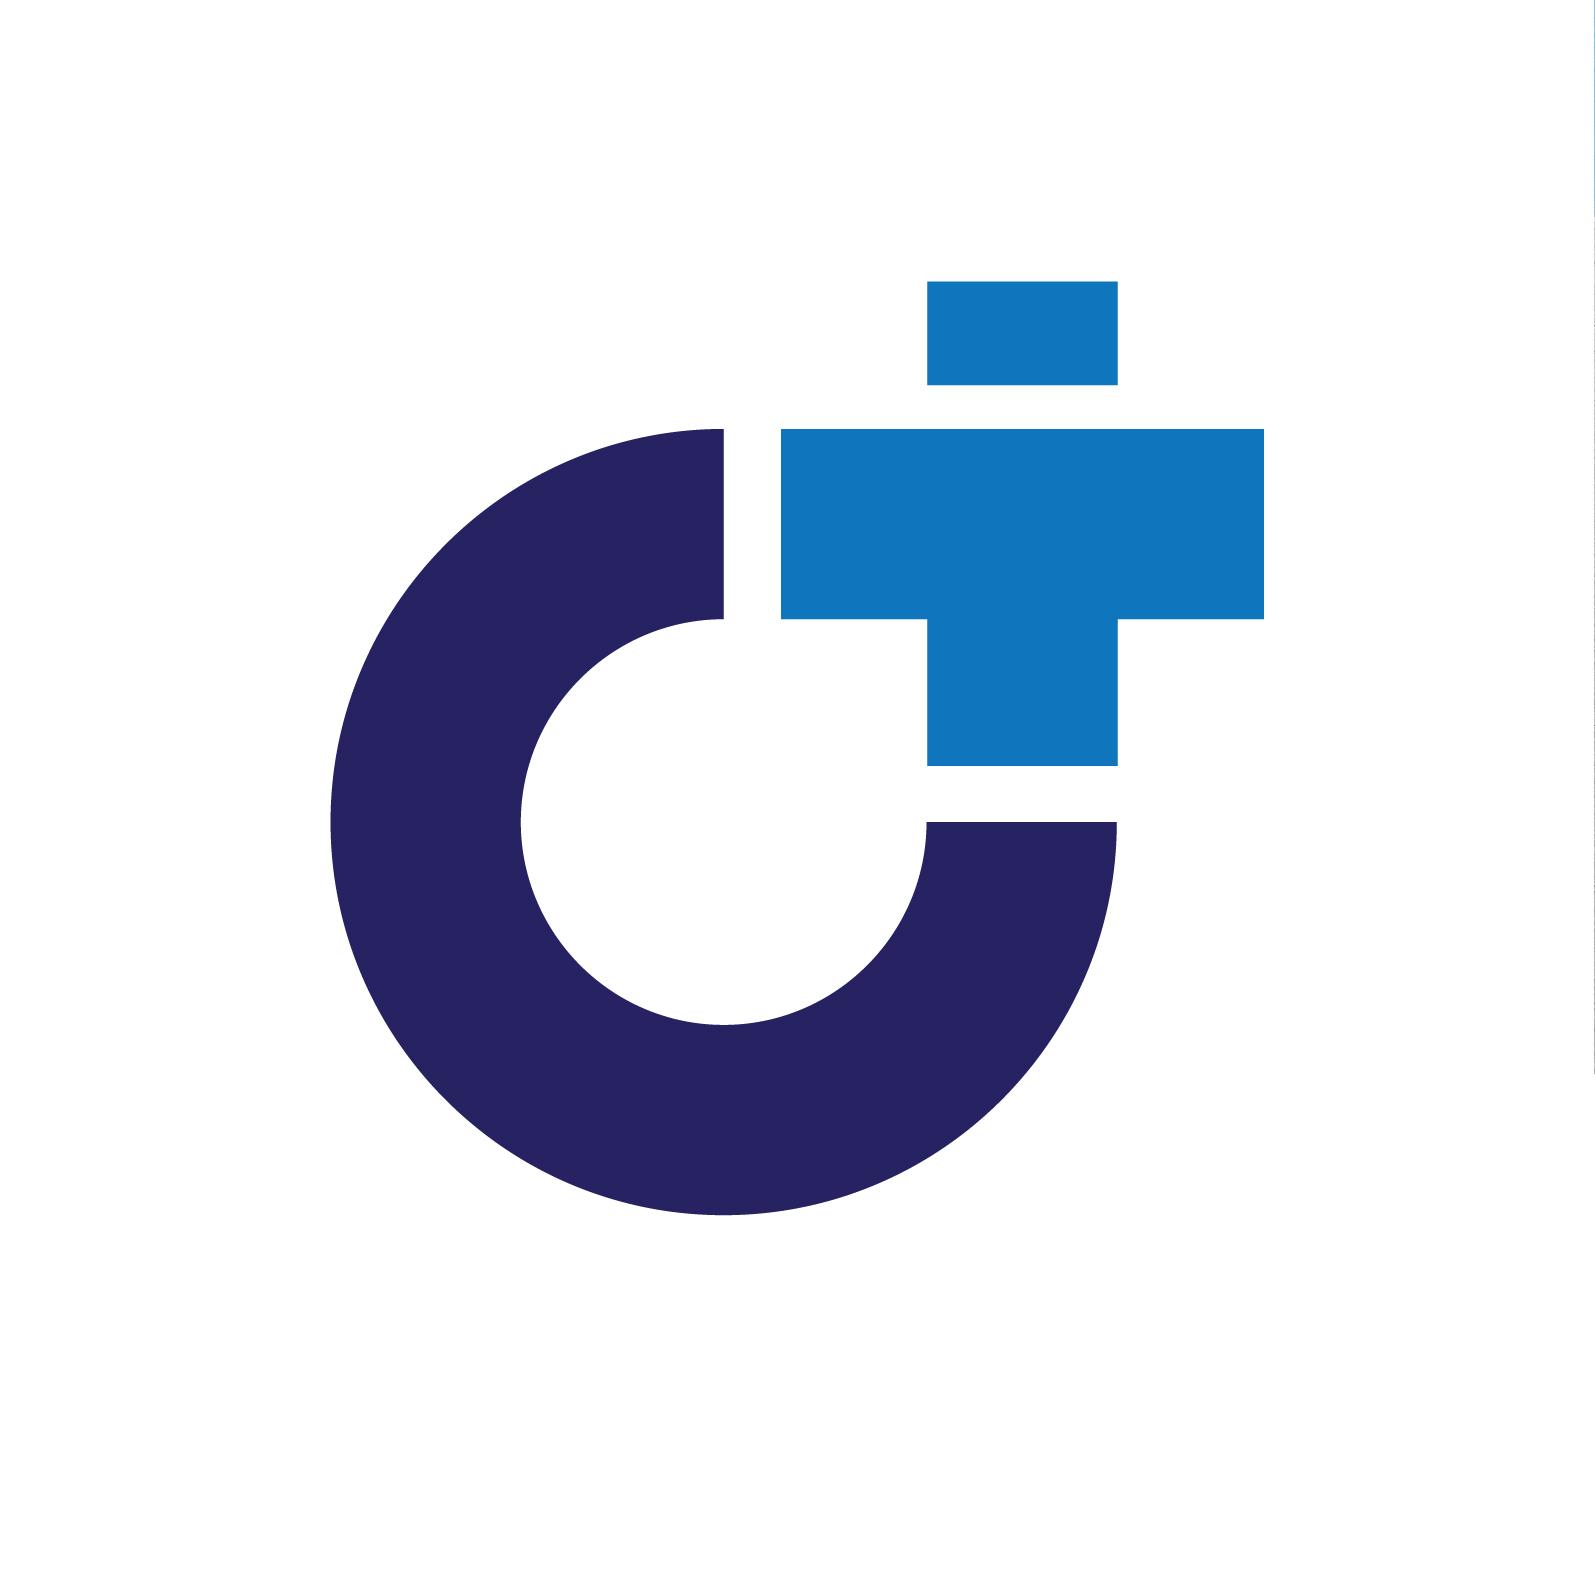 Разработать дизайн  логотипа компании фото f_3355dcd552abe3b3.jpg